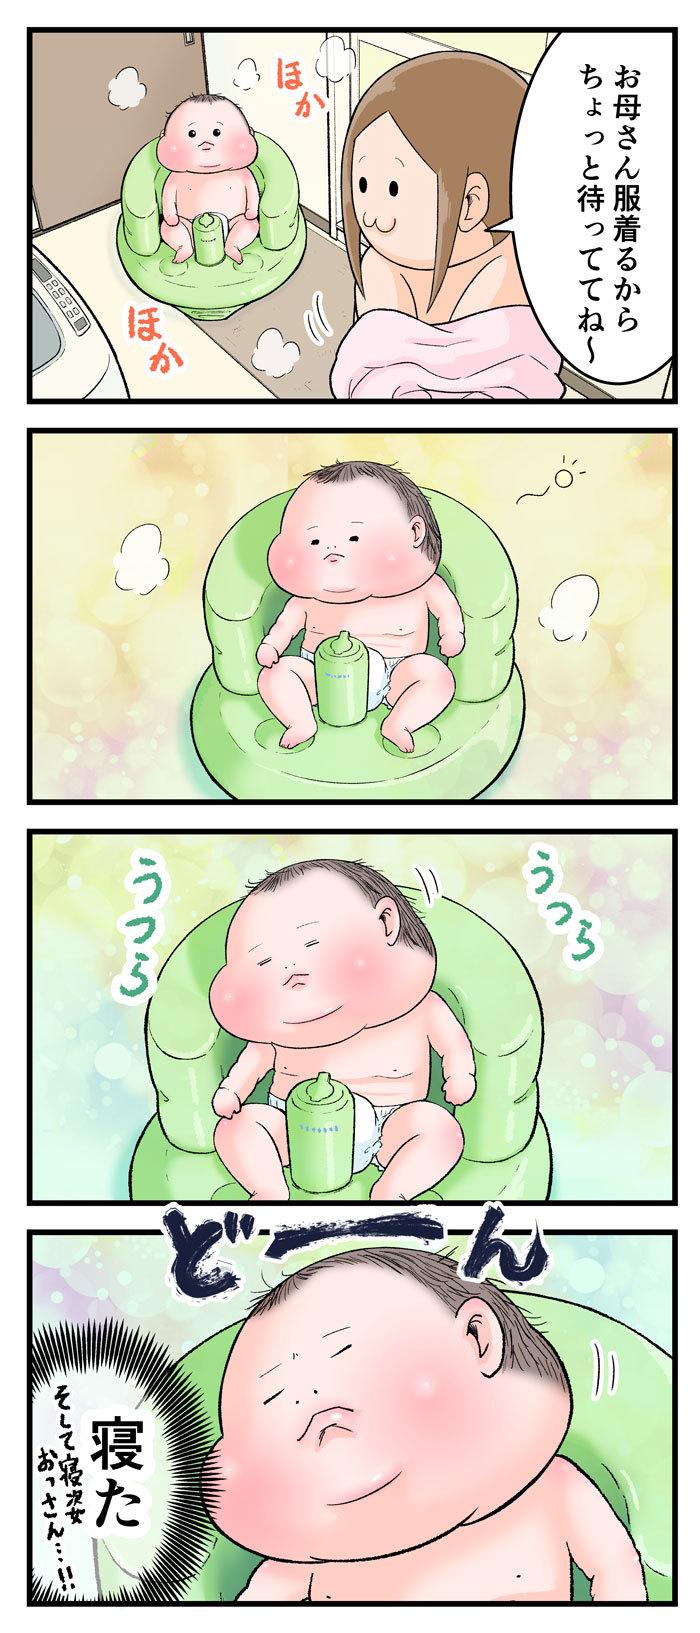 お風呂でスヤァ~…からの~?ラストは衝撃的な寝姿に(笑)の画像9